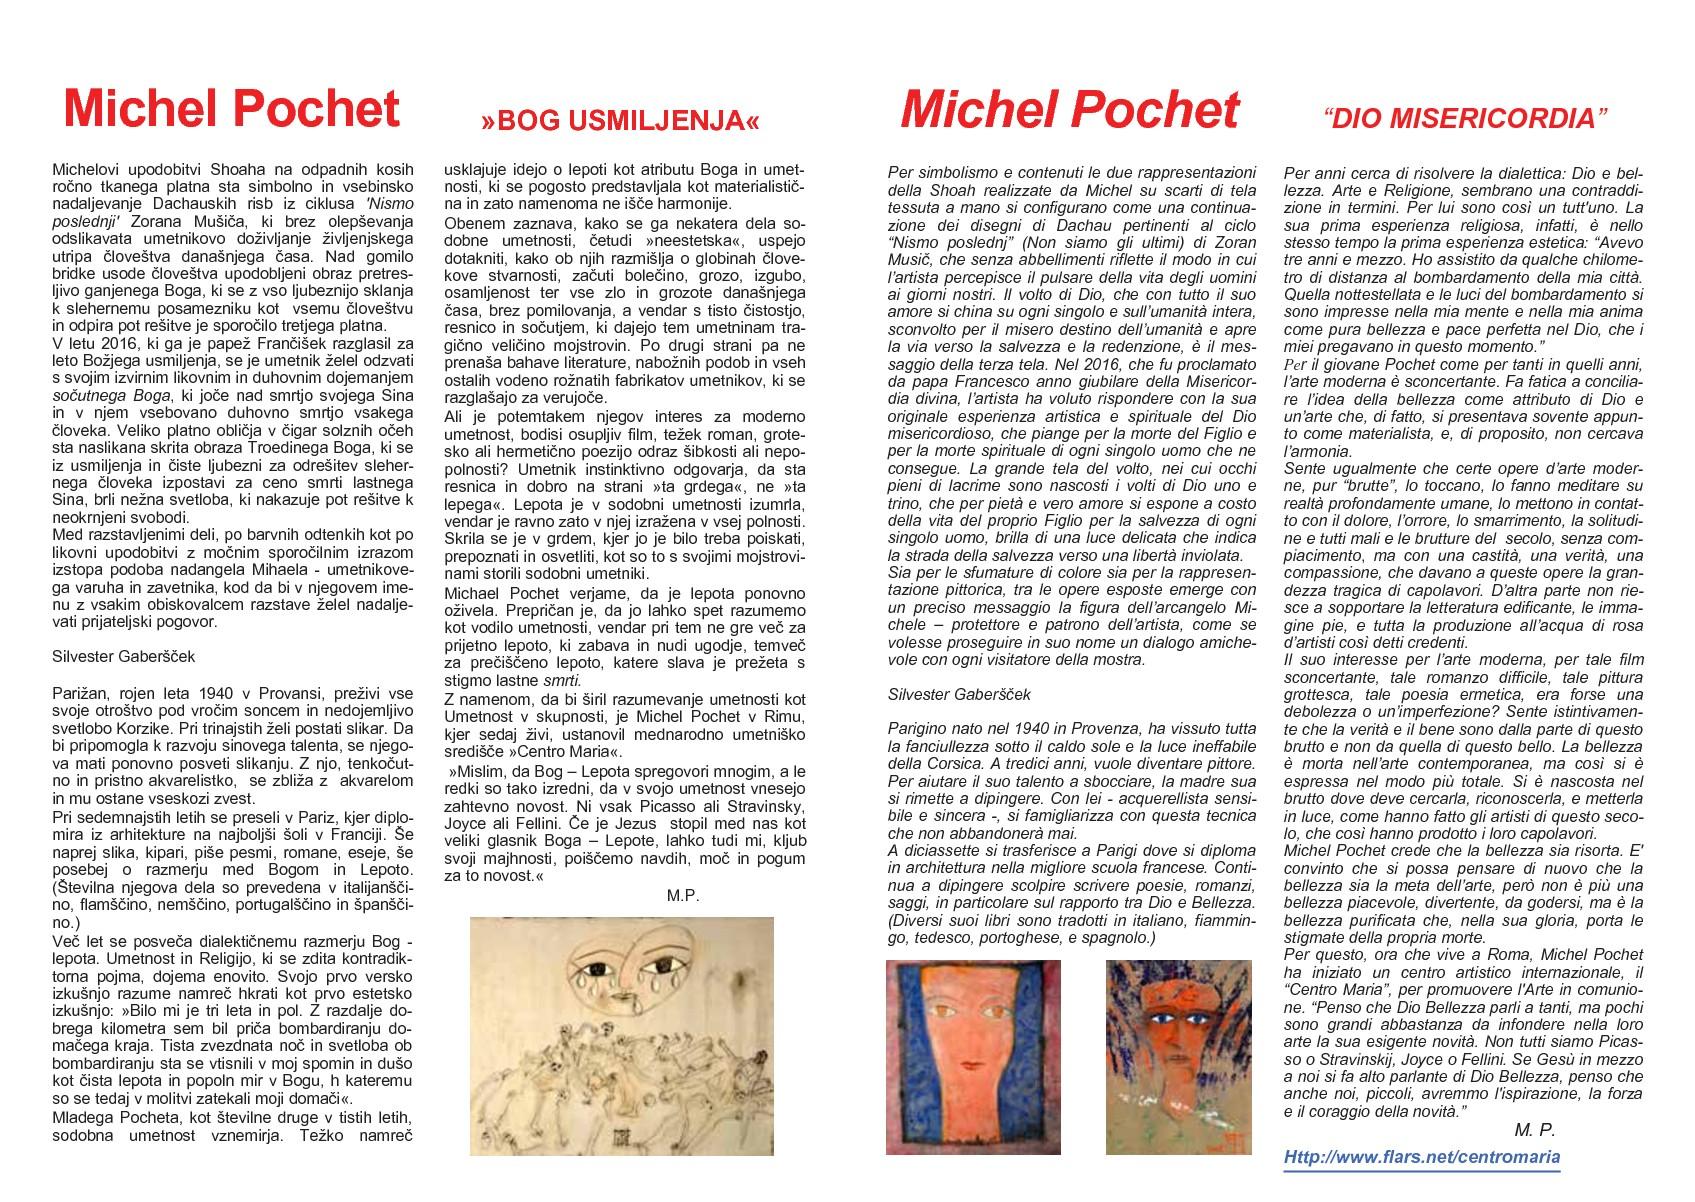 Pochet - zlozenka small-002-002